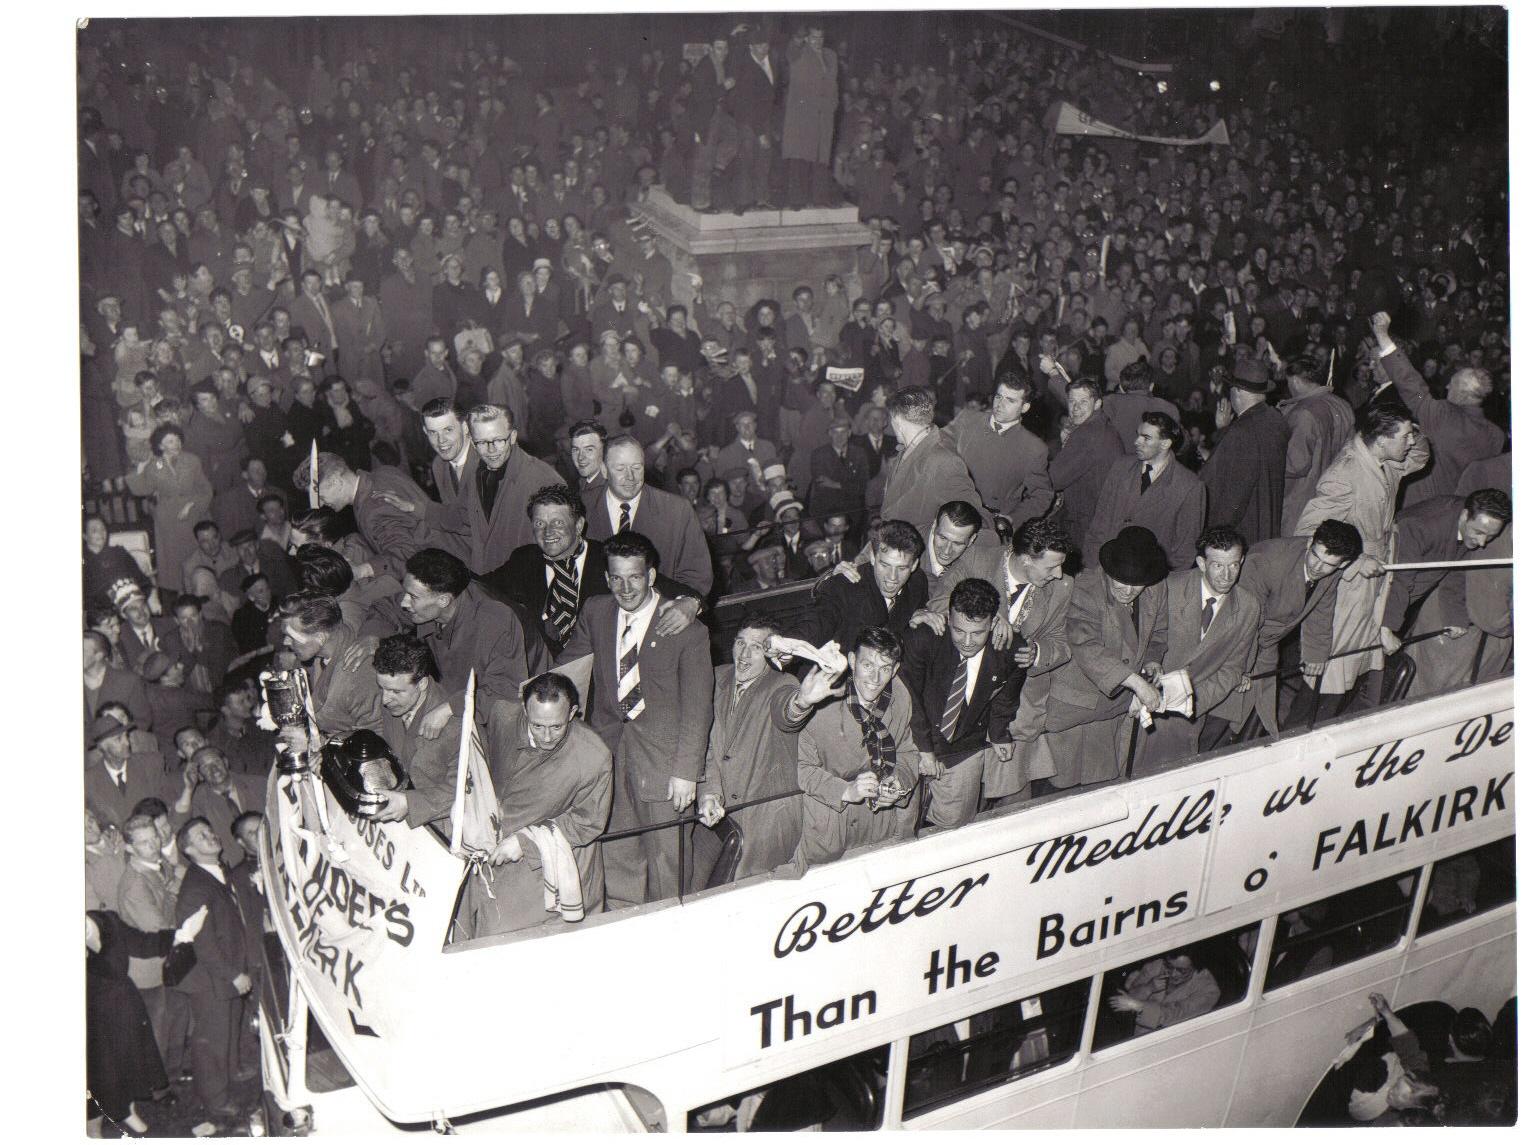 Falkirk FC in 1957